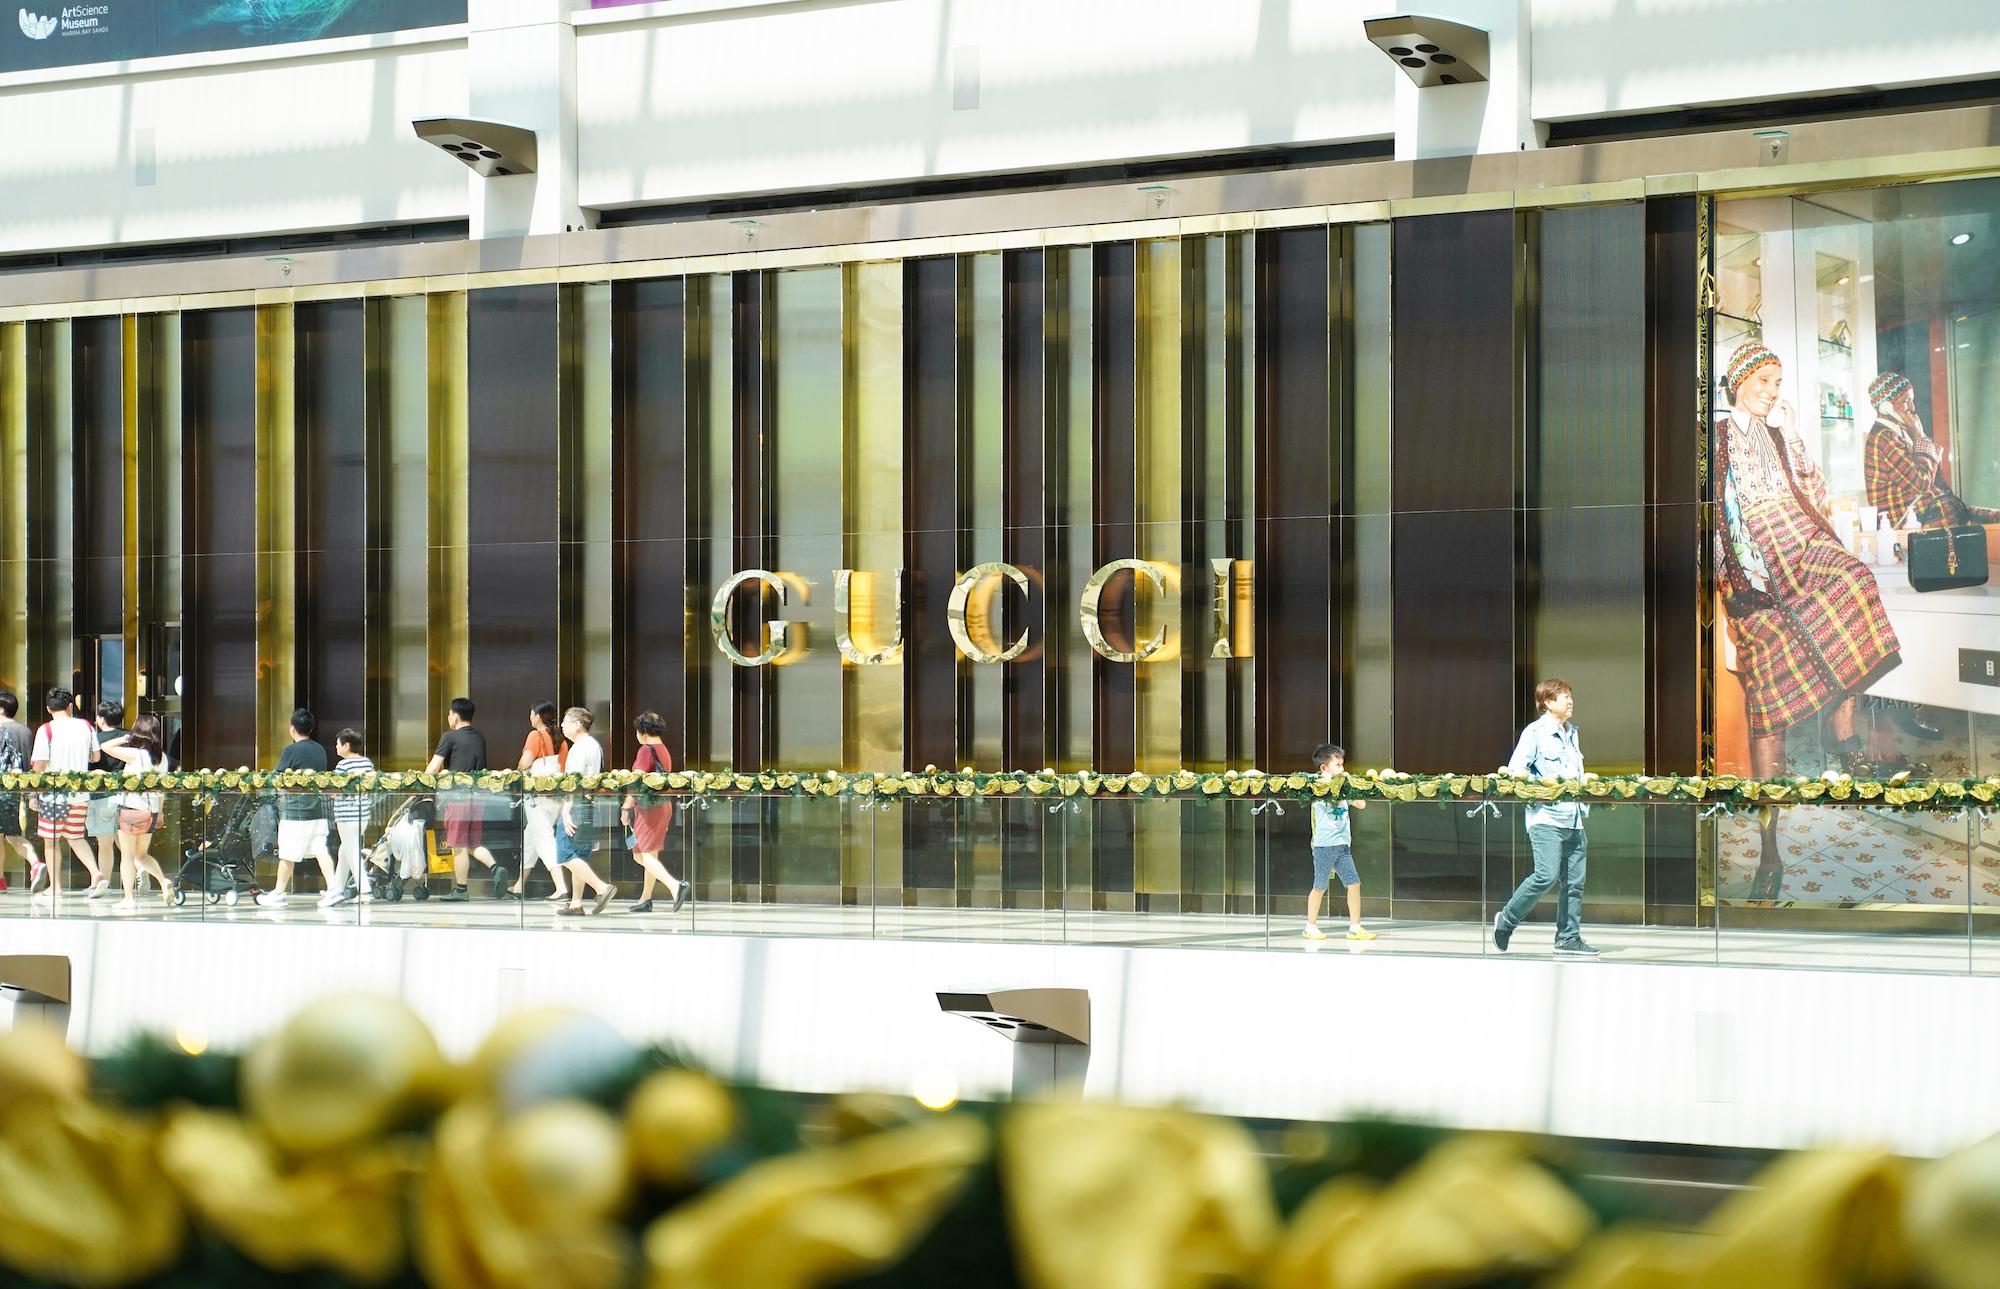 シンガポールのマリーナベイサンズのショッピングセンターにあるGUCCI(グッチ)/2019年12月1日:撮影:SHUN ONLINE